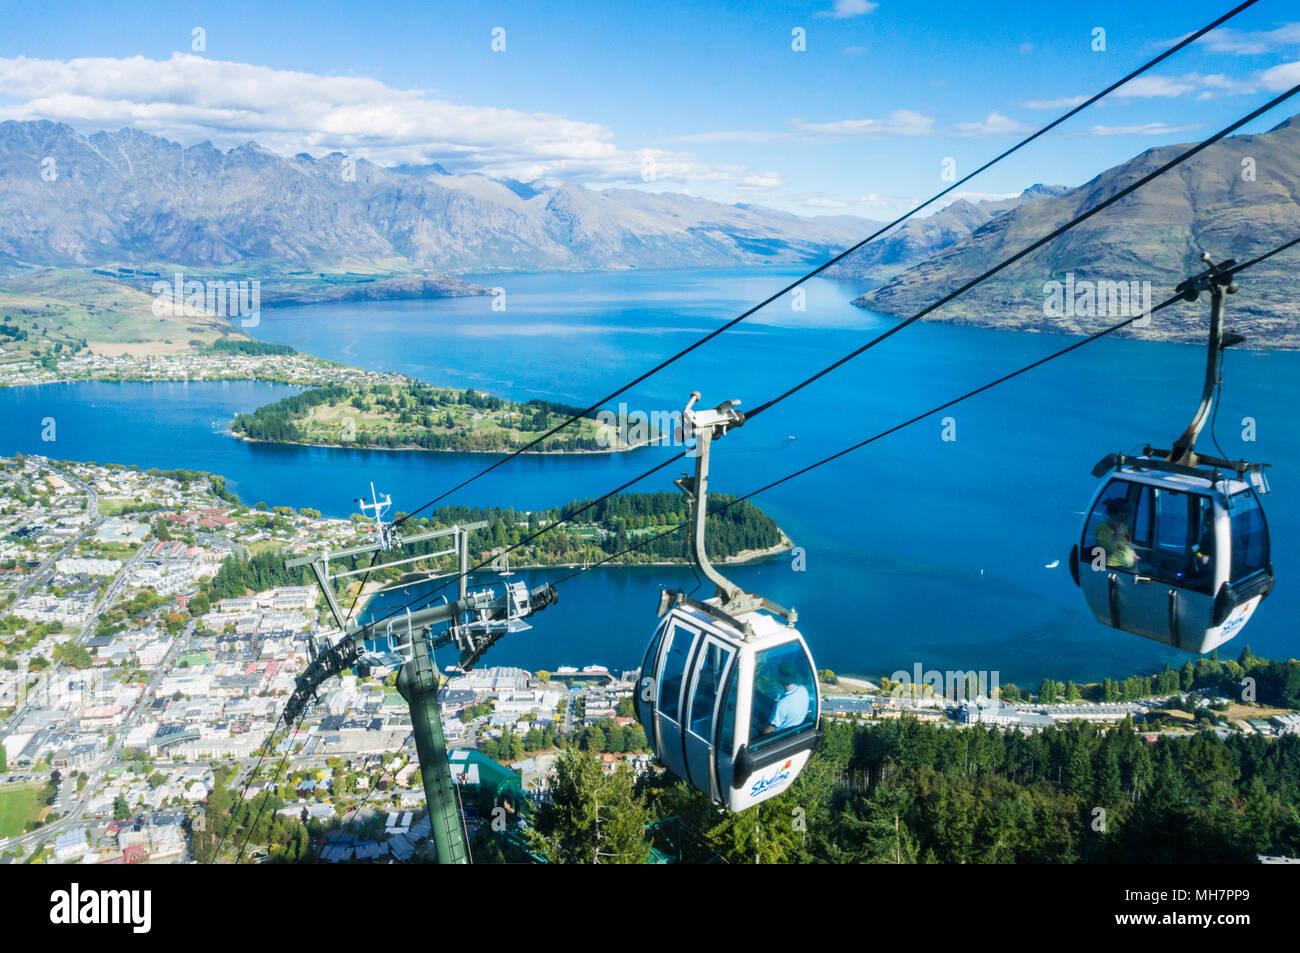 Queenstown, Isla del Sur, Nueva Zelanda vista aérea de Skyline Gondola centro de Queenstown, el centro de la ciudad Lago Wakatipu y los Remarkables Imagen De Stock